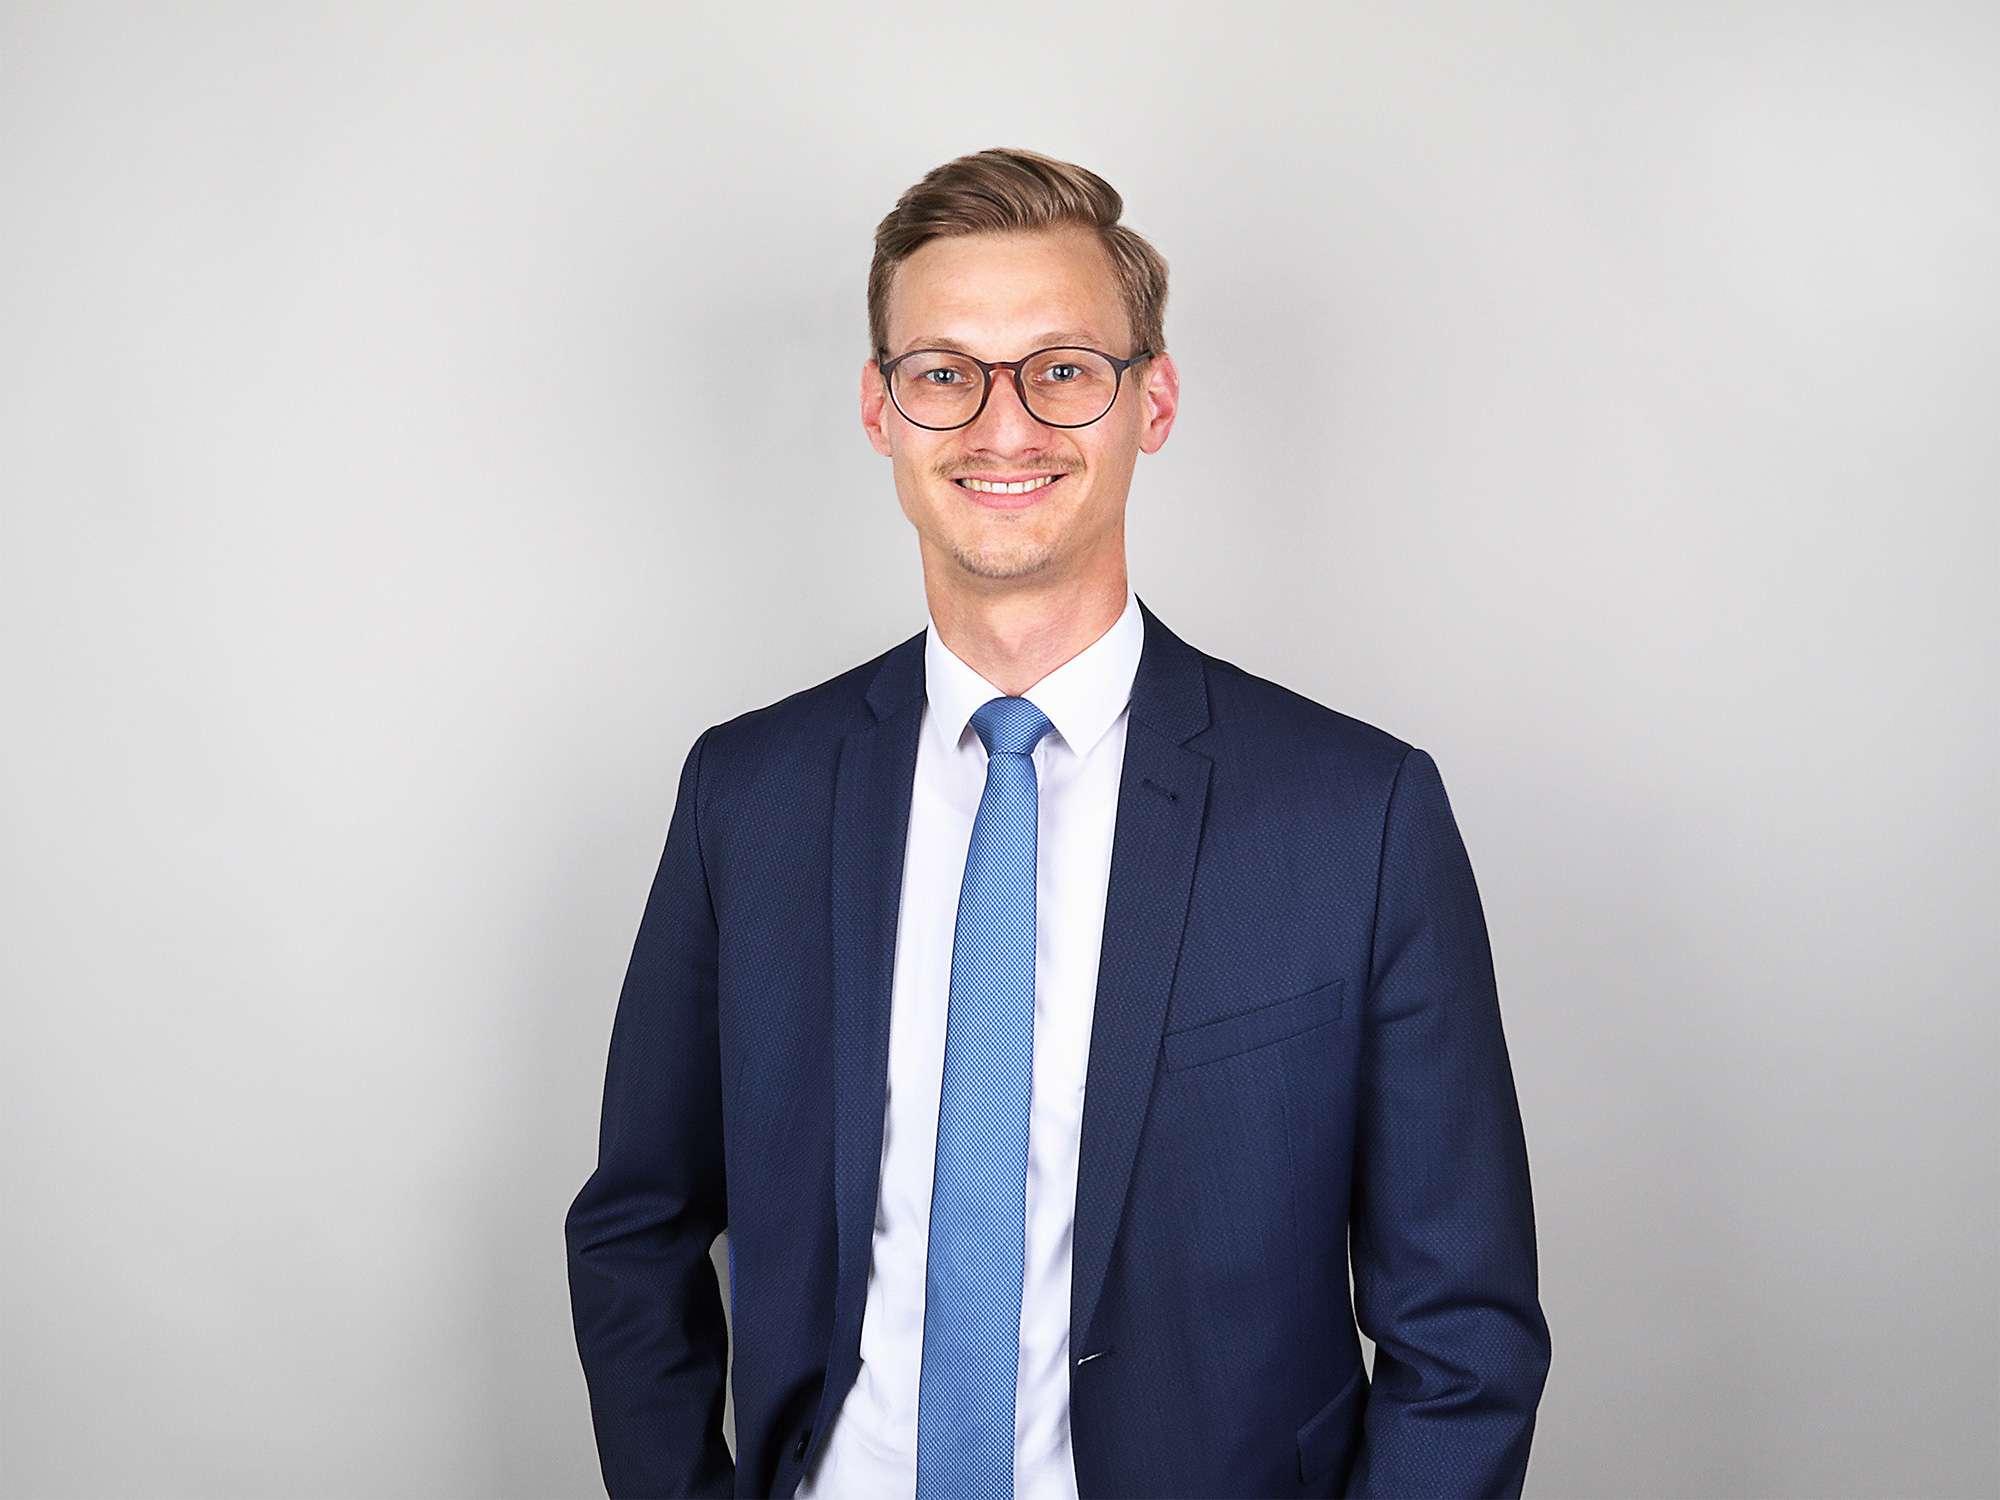 Professionell und bodenständig steht Felix Schöffmann als Immobilienberater allen Kundinnen und Kunden von Scheffold Immobilien mit Rat und Tat zur Seite.